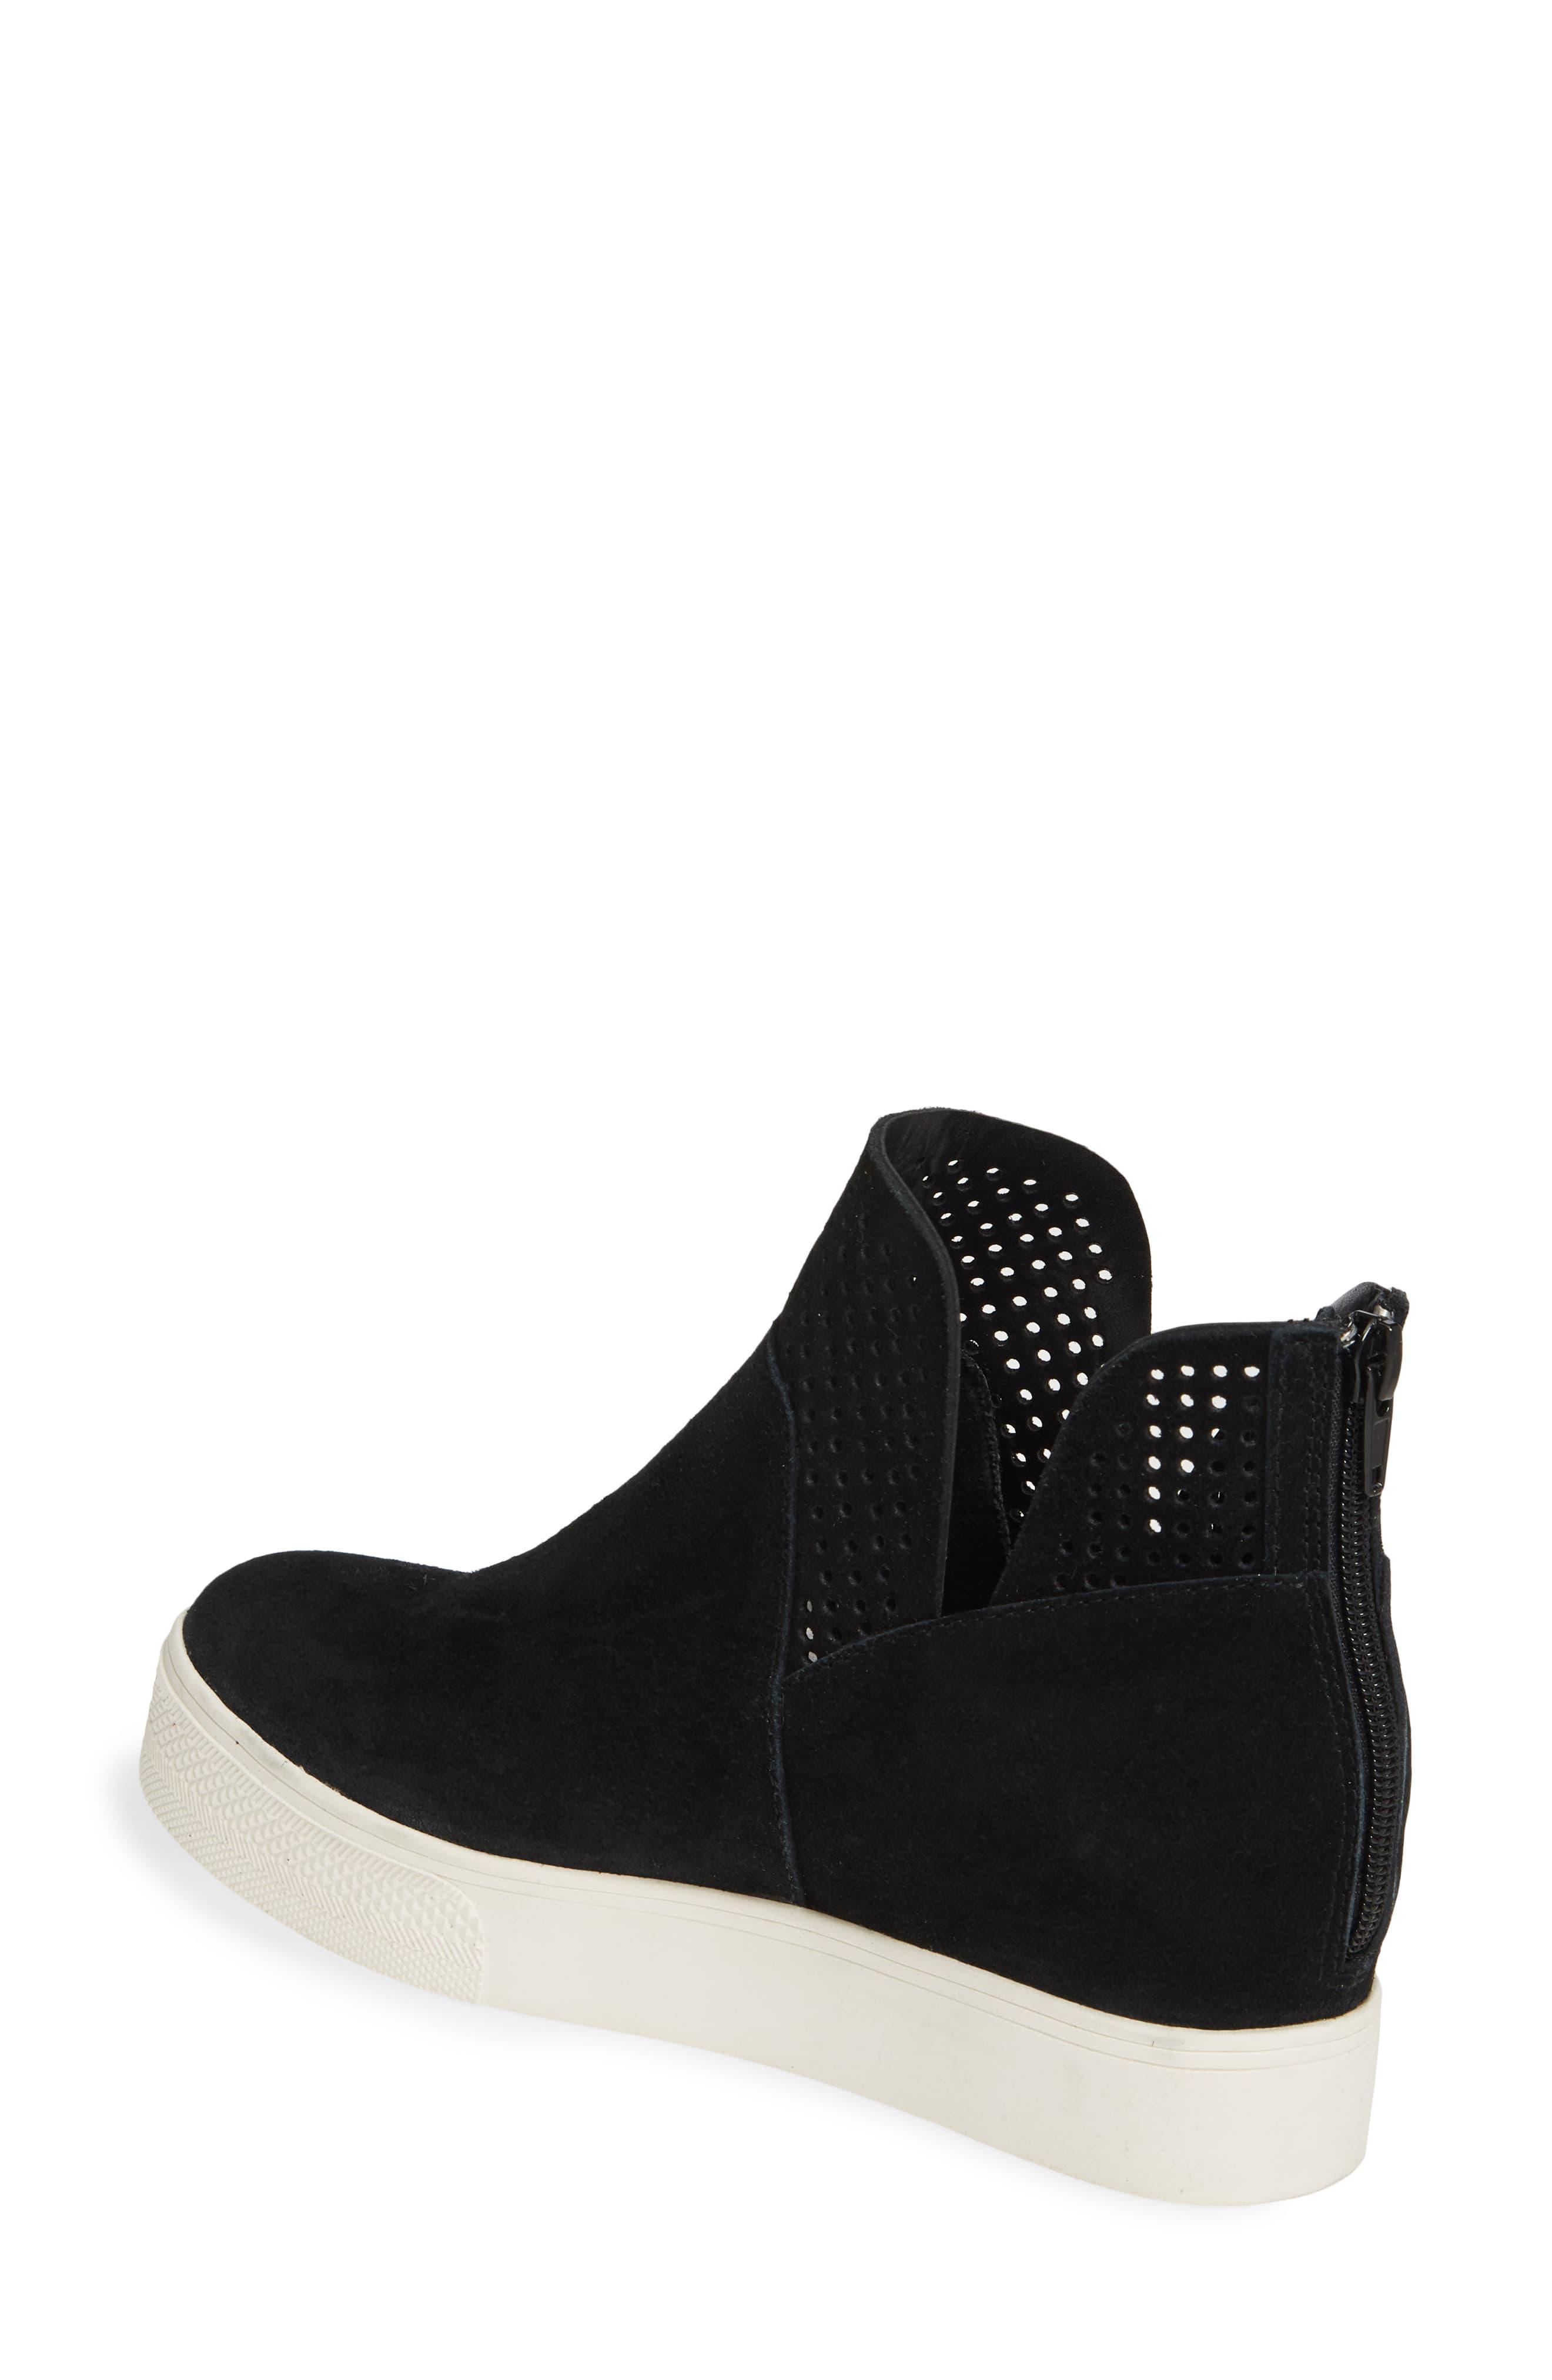 0eeb0177737 Women's Black Winnie Sneaker Bootie